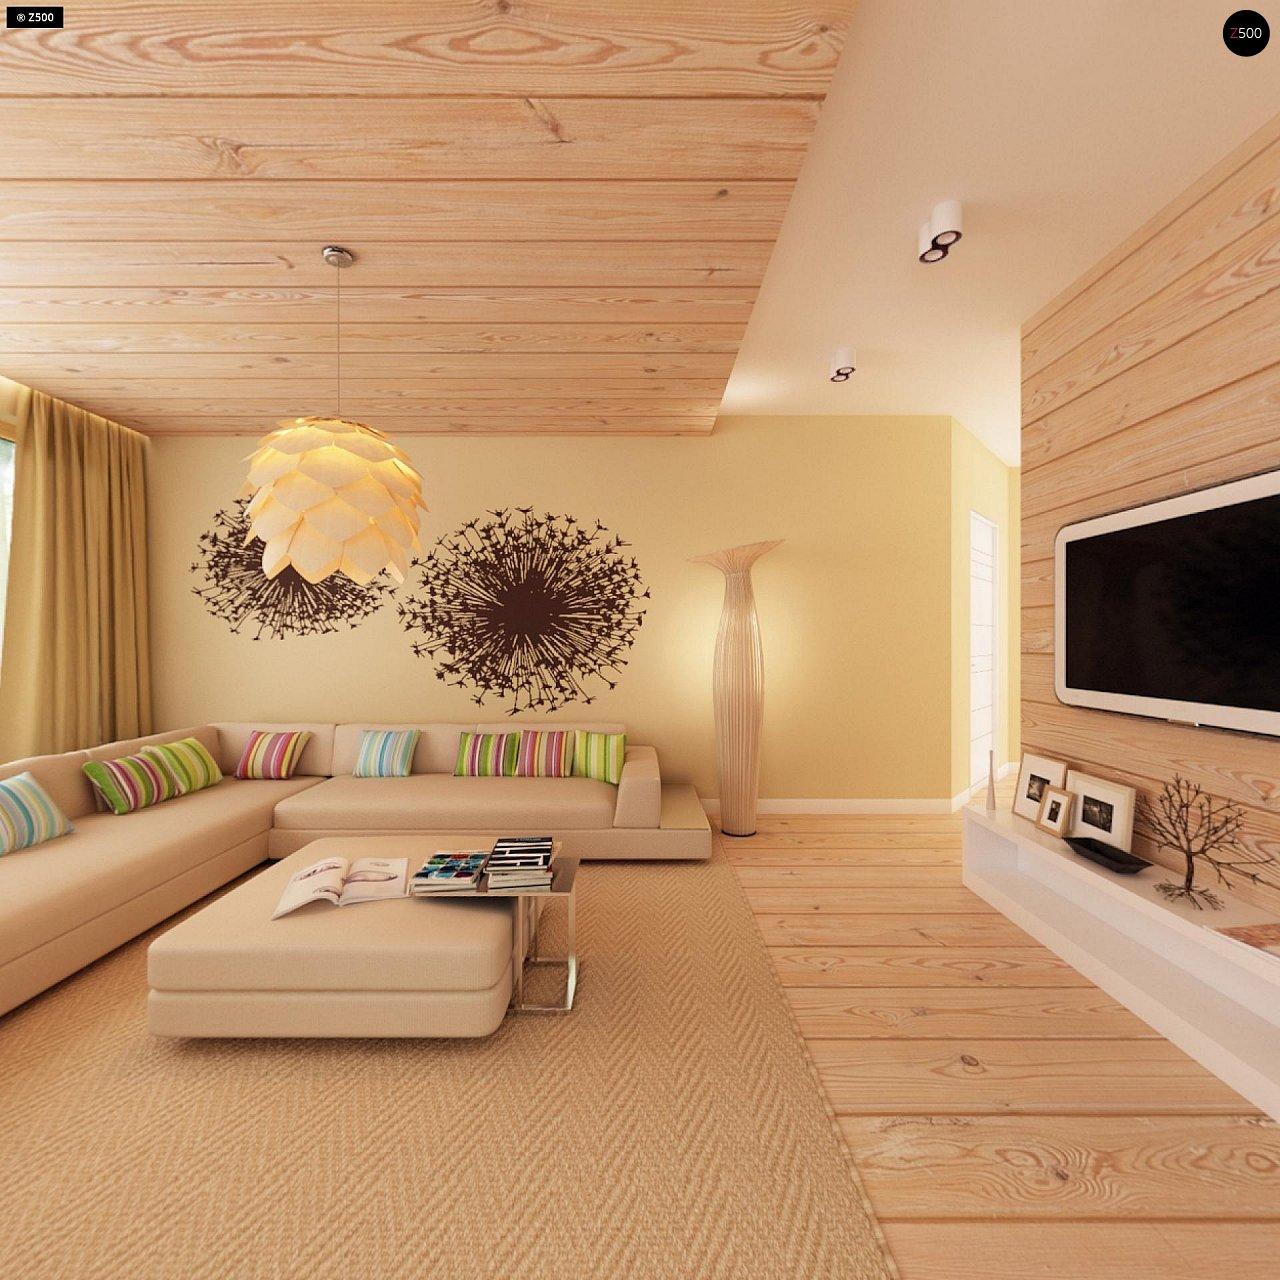 Функциональный одноэтажный дом с фронтальным гаражом для двух авто, большим хозяйственным помещением, с кухней со стороны сада. 10